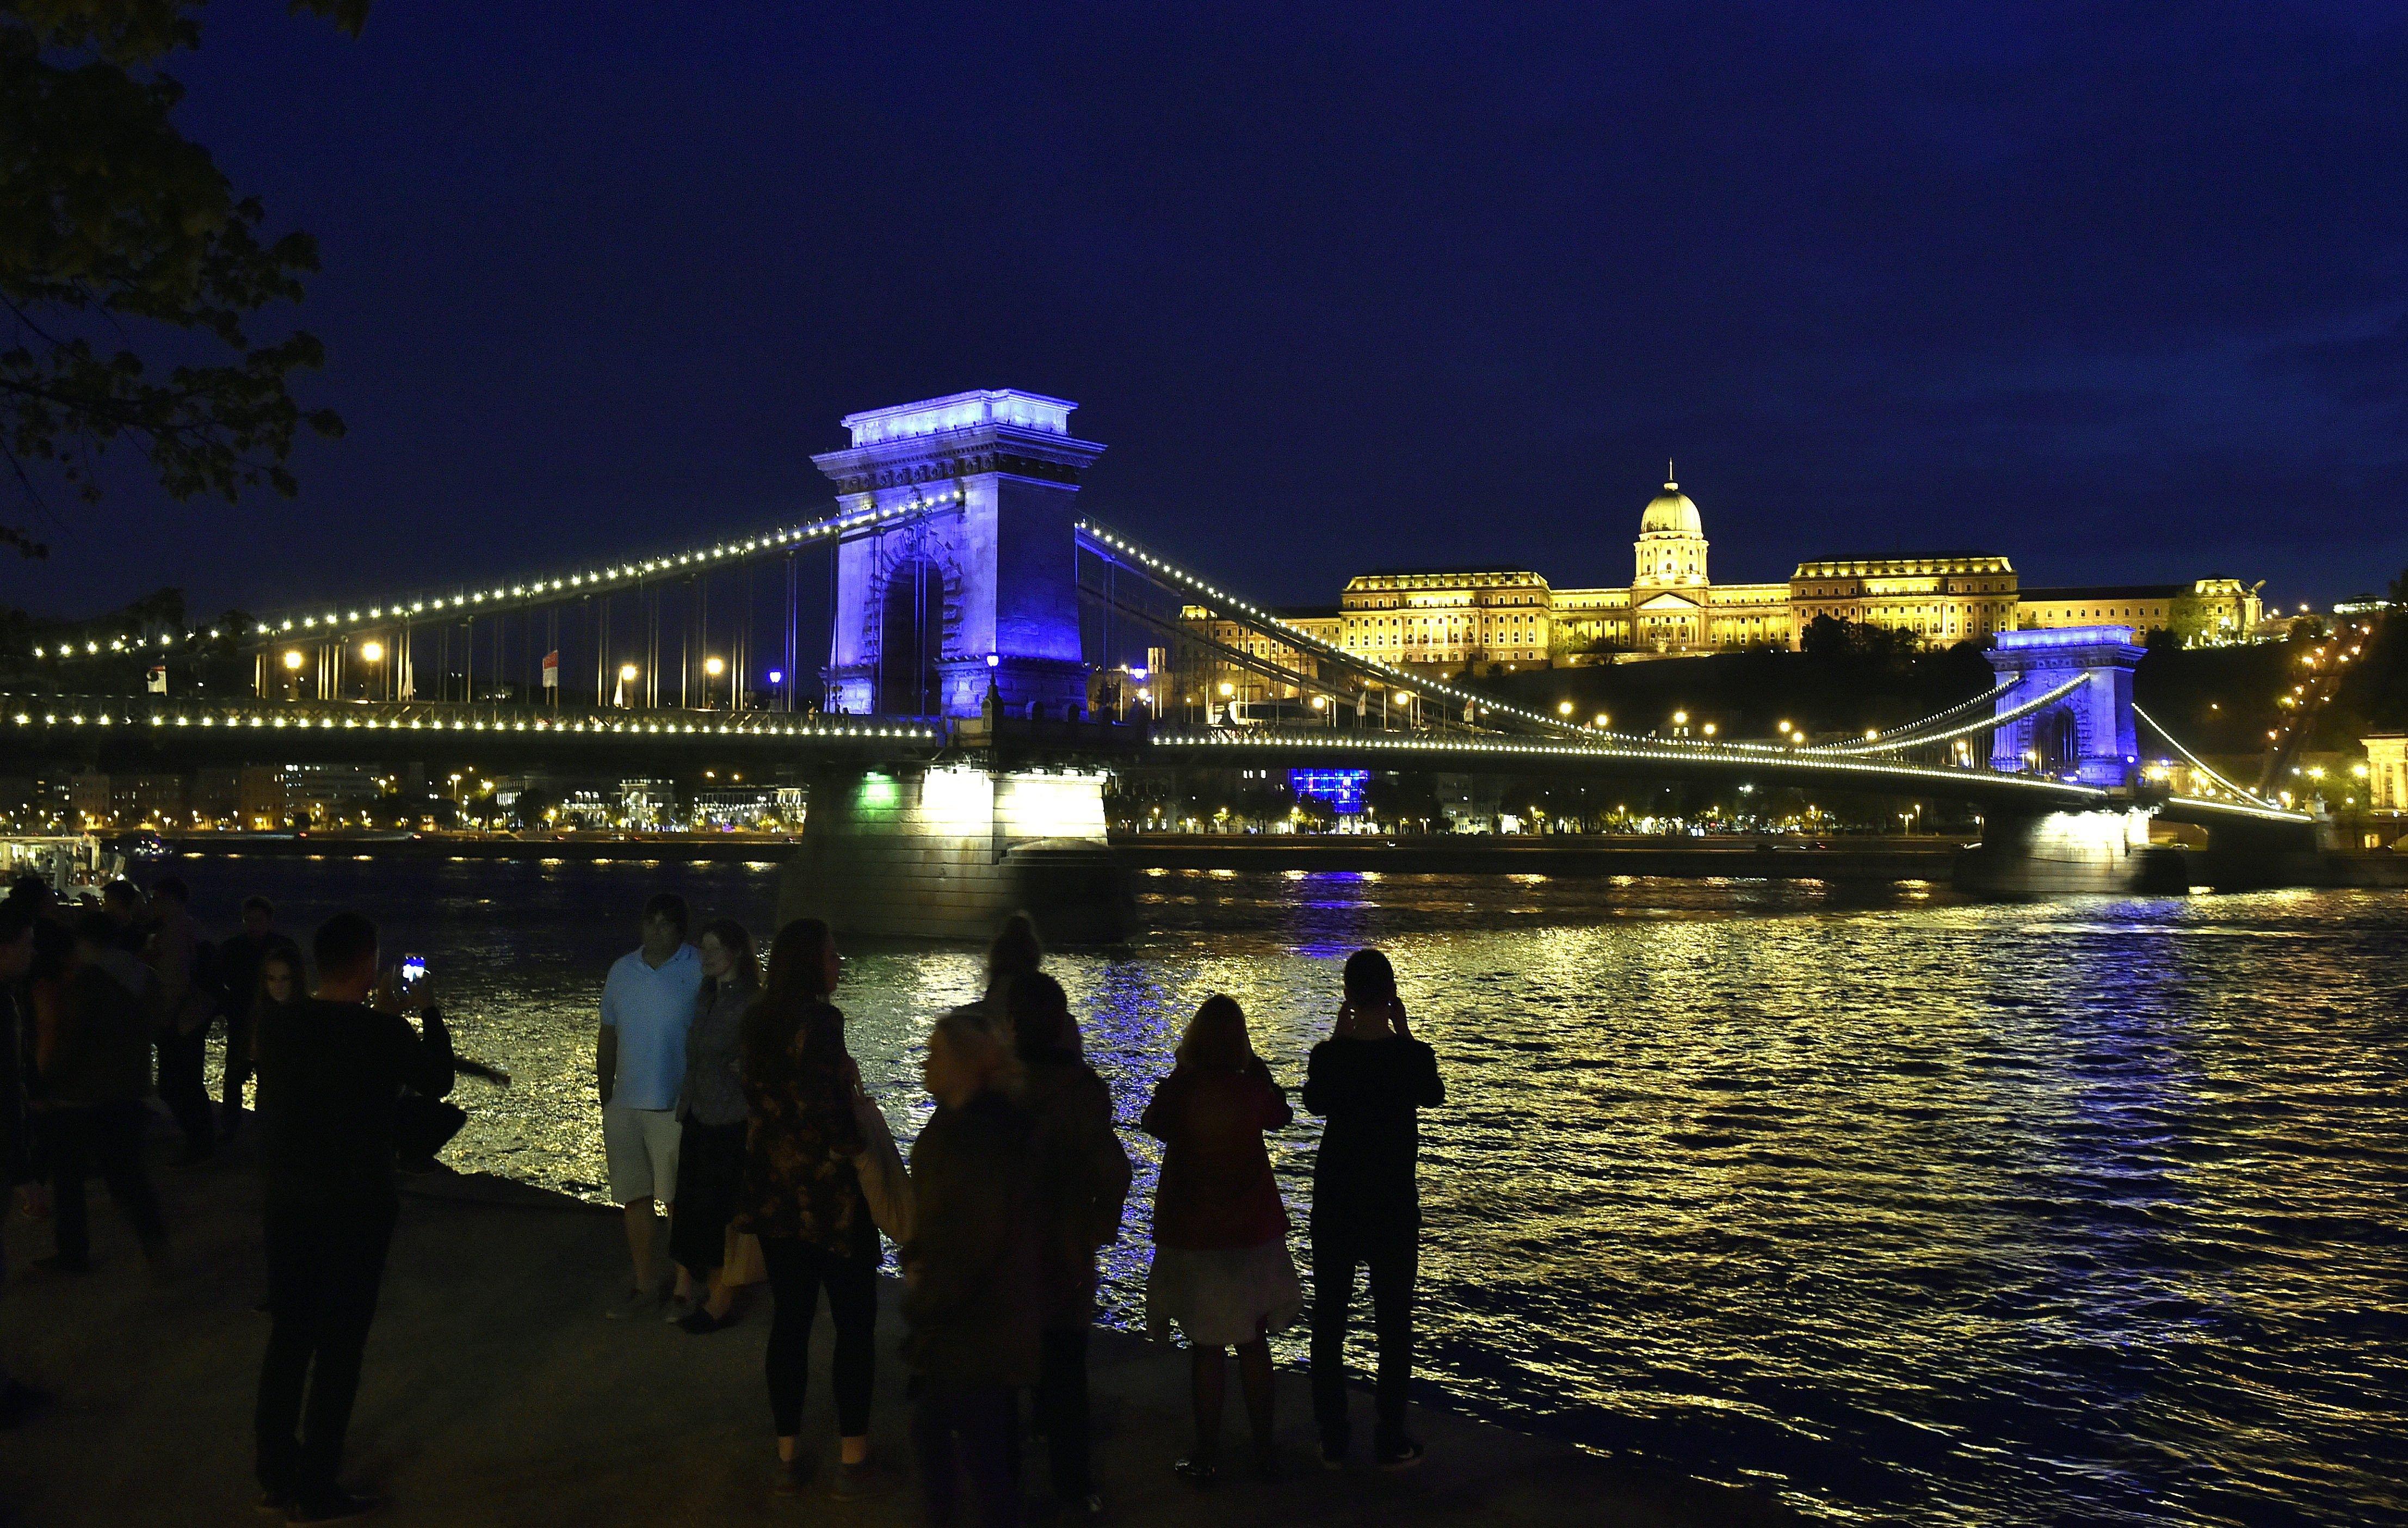 A magyaroknál csak a mexikóiak rettegnek jobban esténként az utcán az OECD tagállamai közül